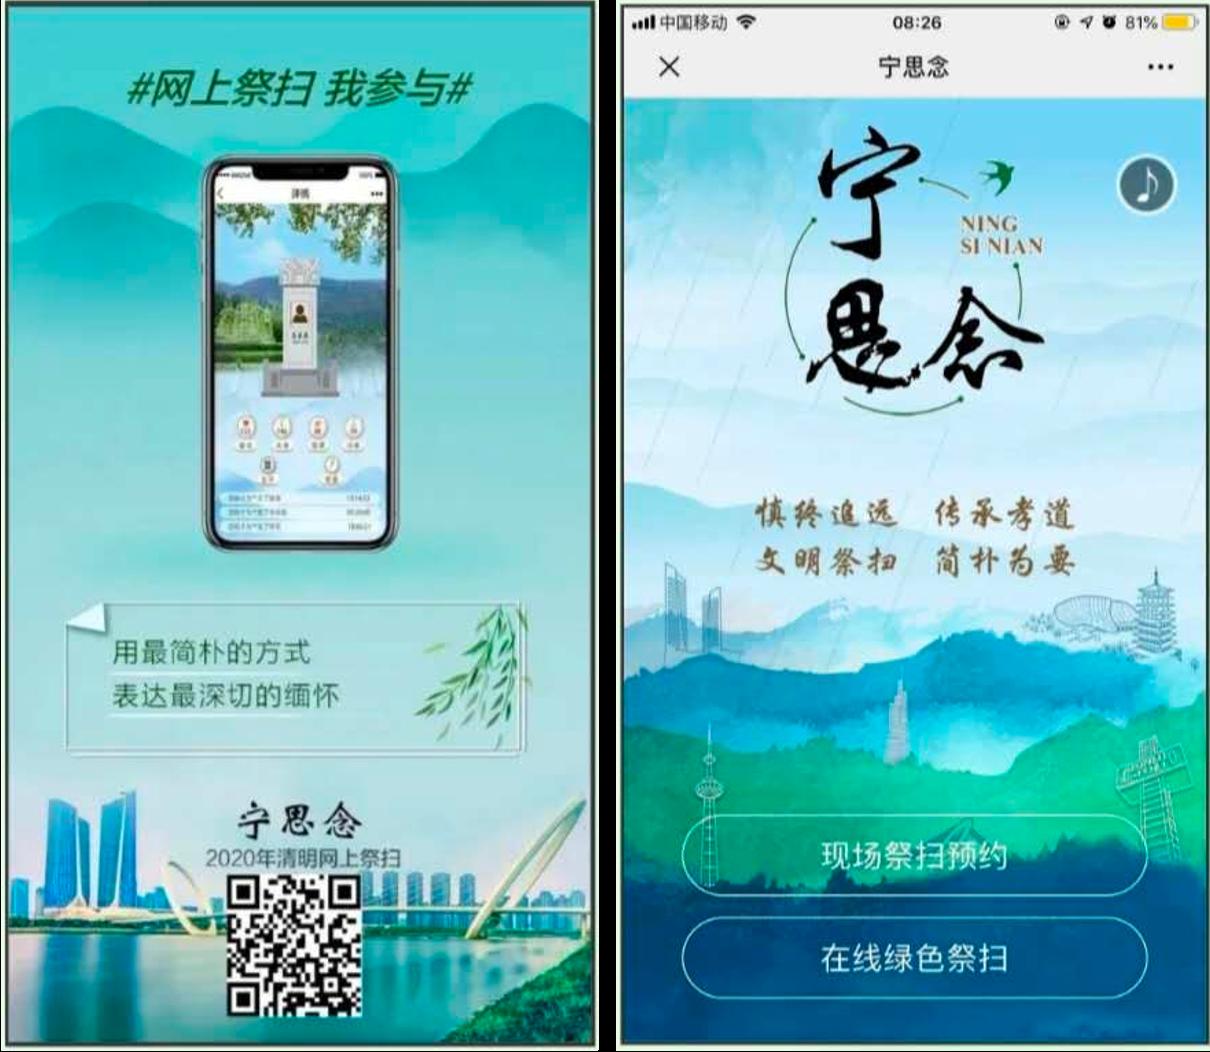 Ning-Si-Nian-china-digital-memorial